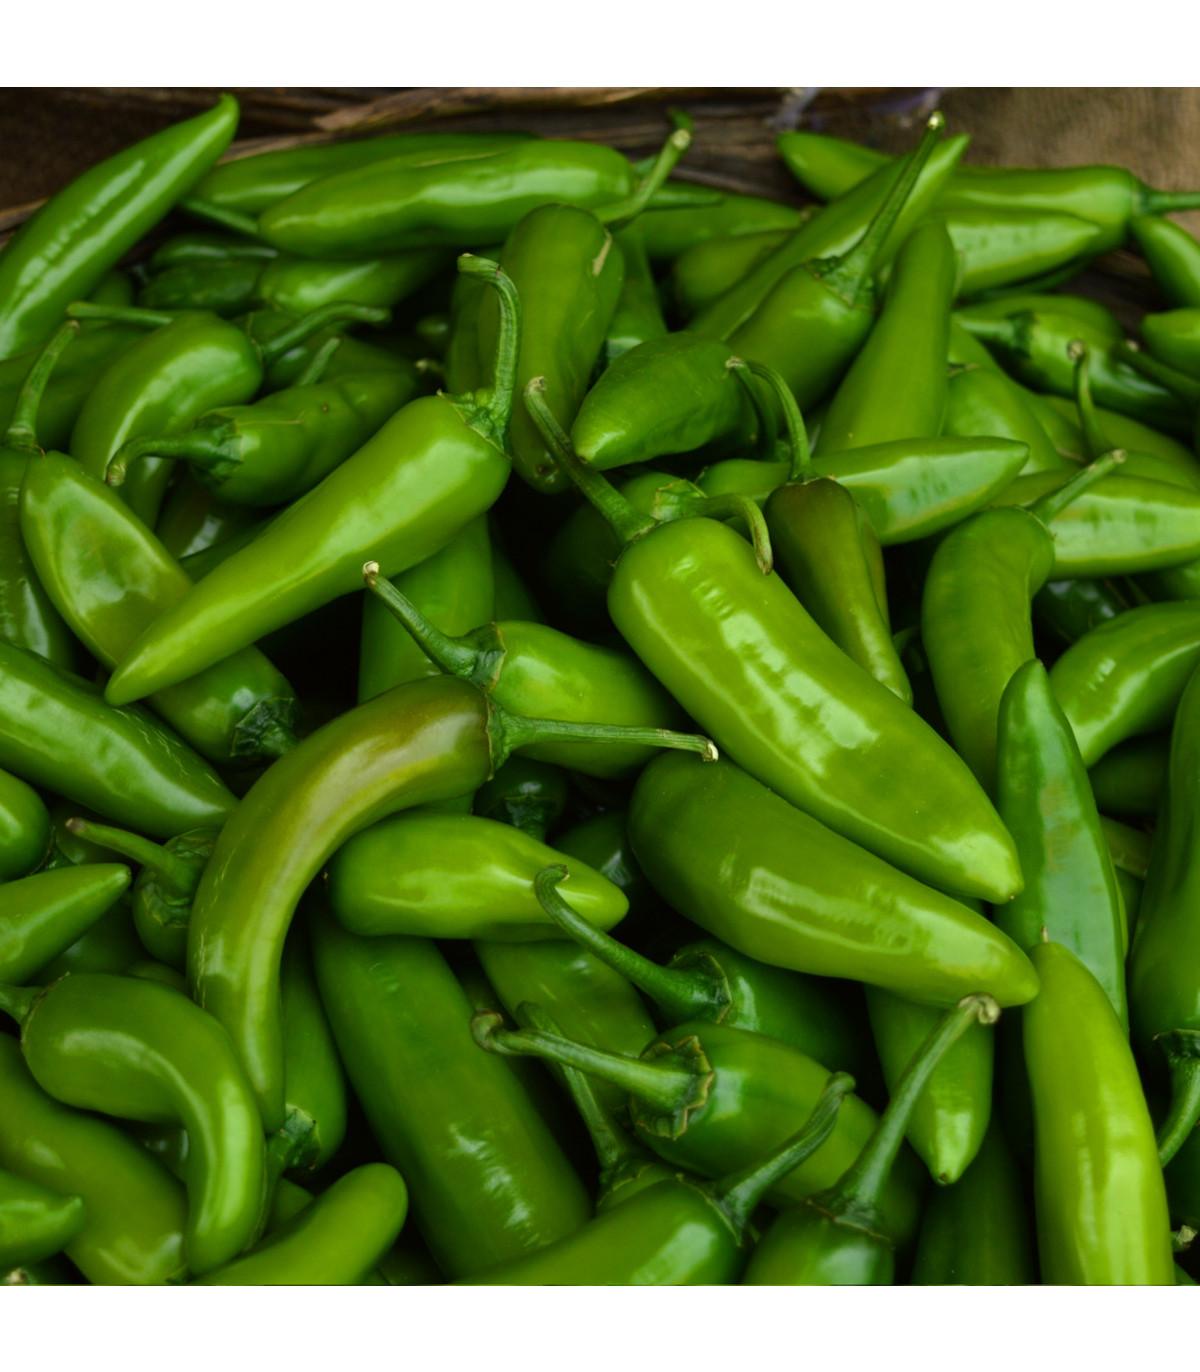 Chilli Velký Jim - Capsicum annuum - osivo chilli - 7 ks